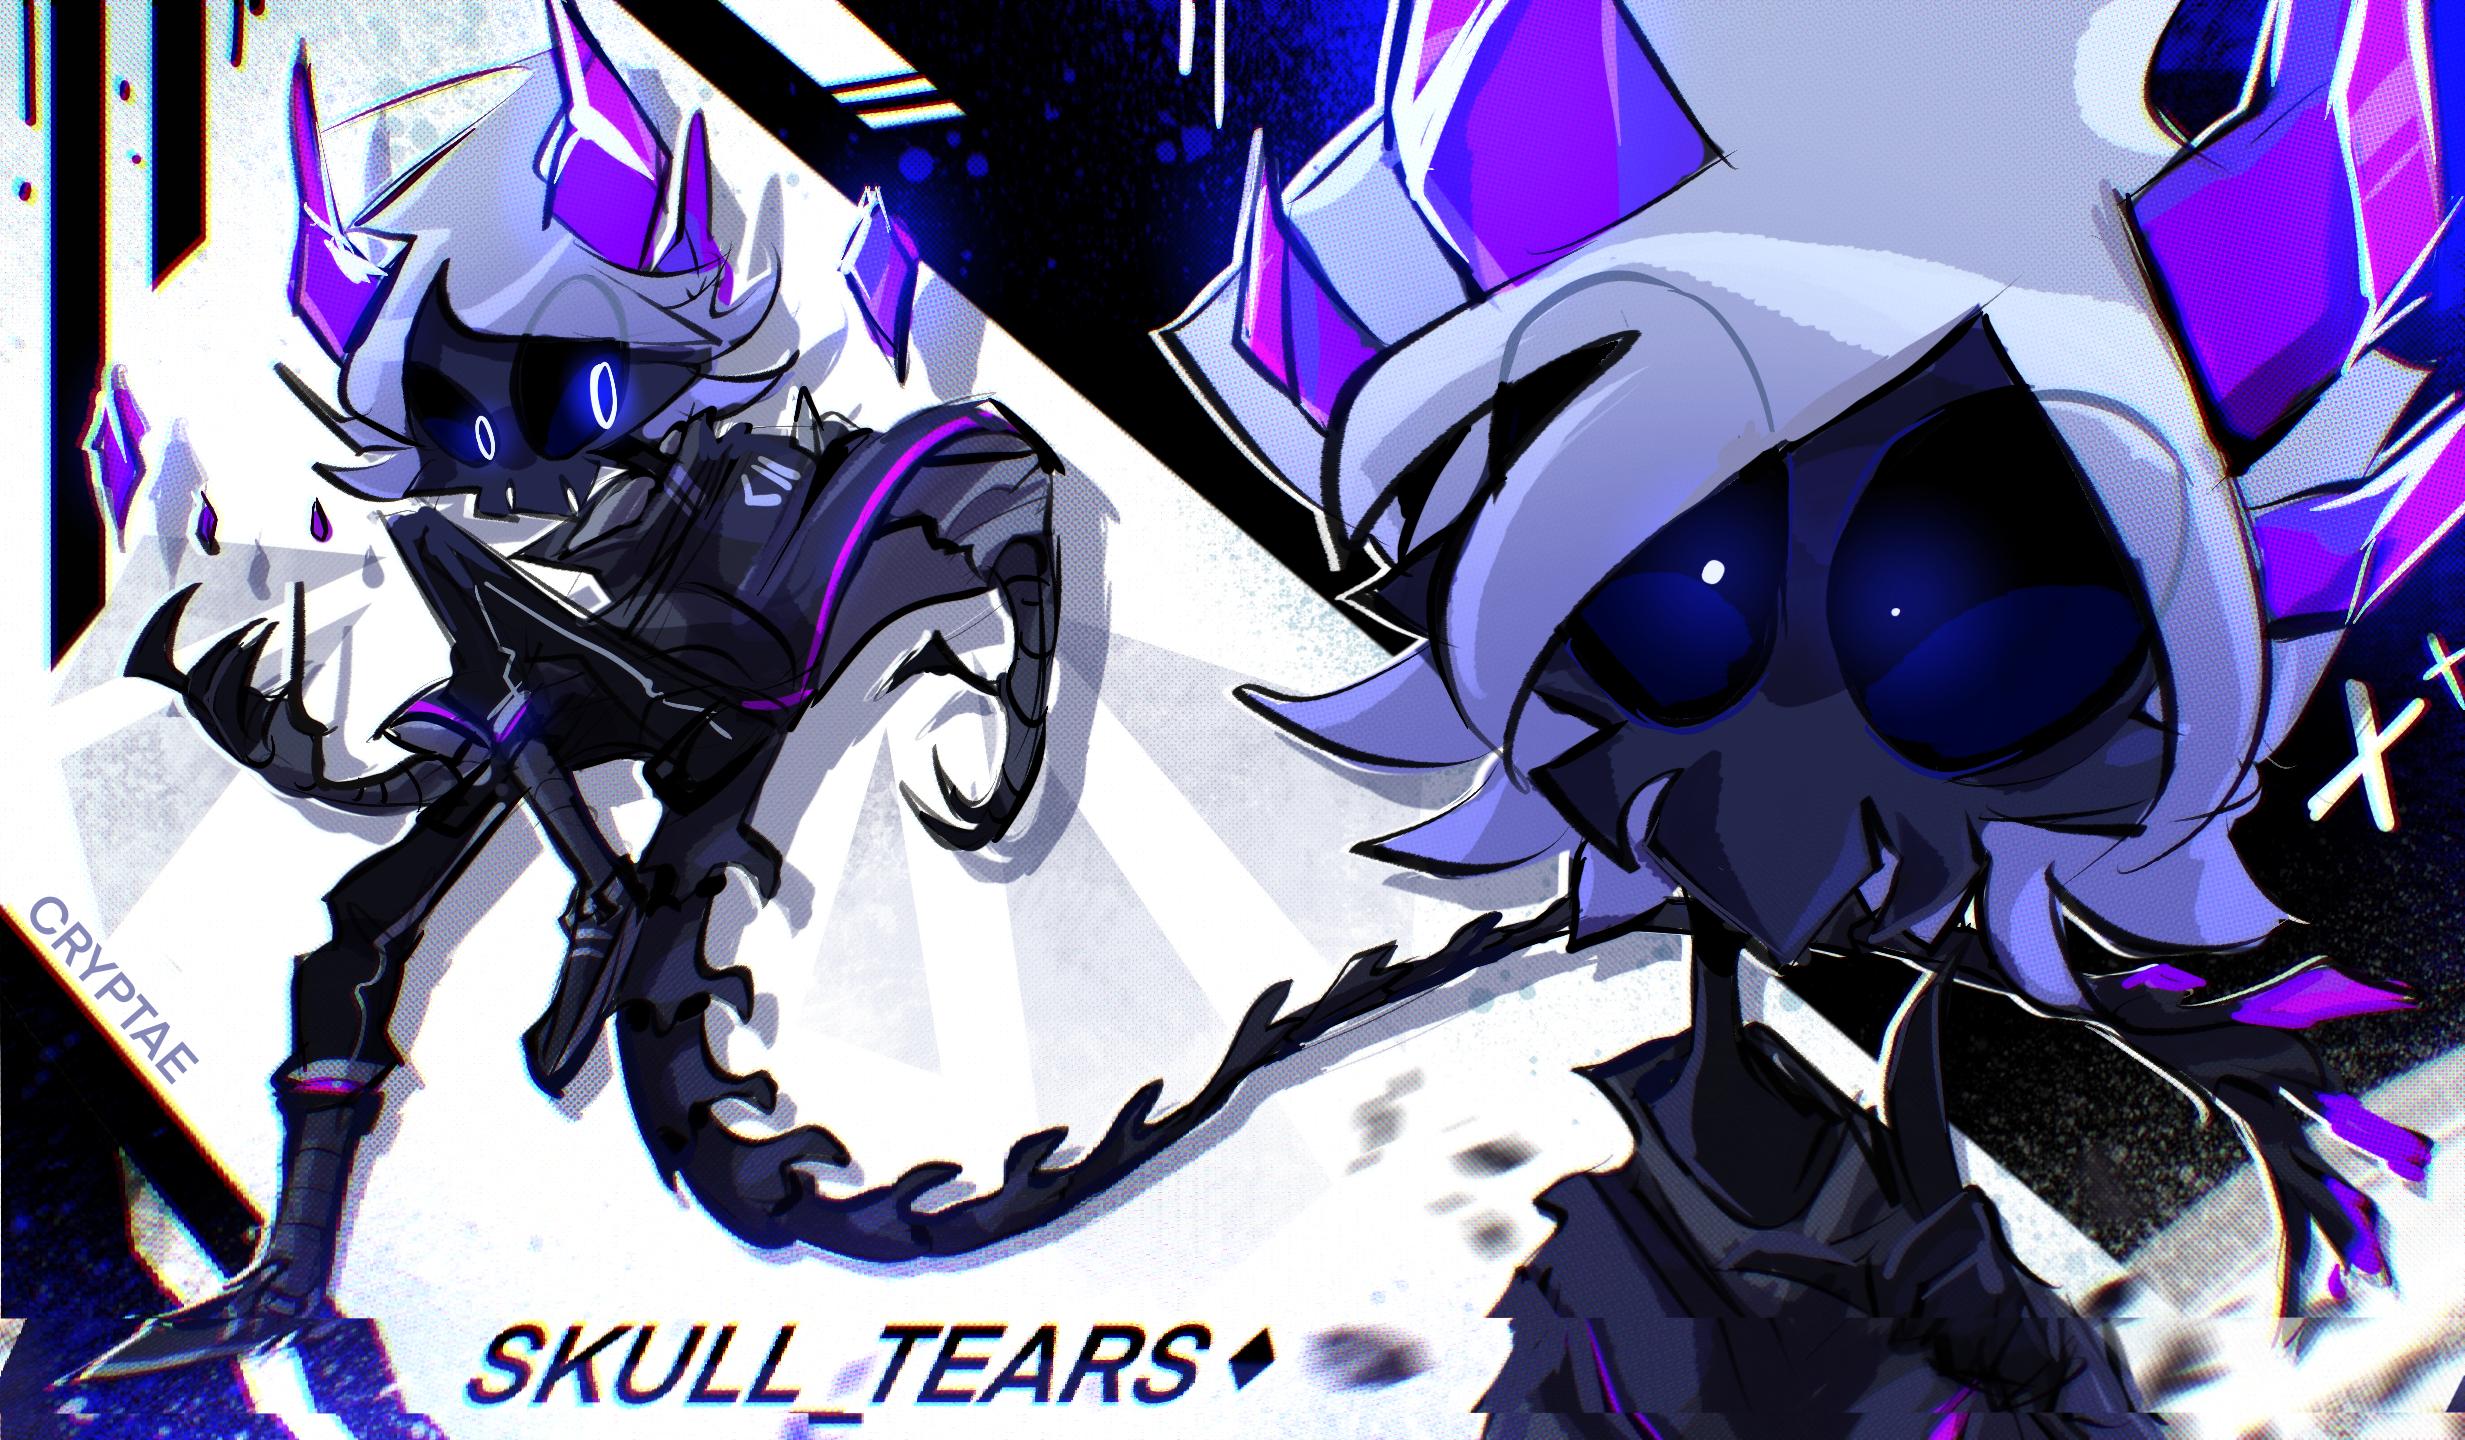 SKULL_TEARS